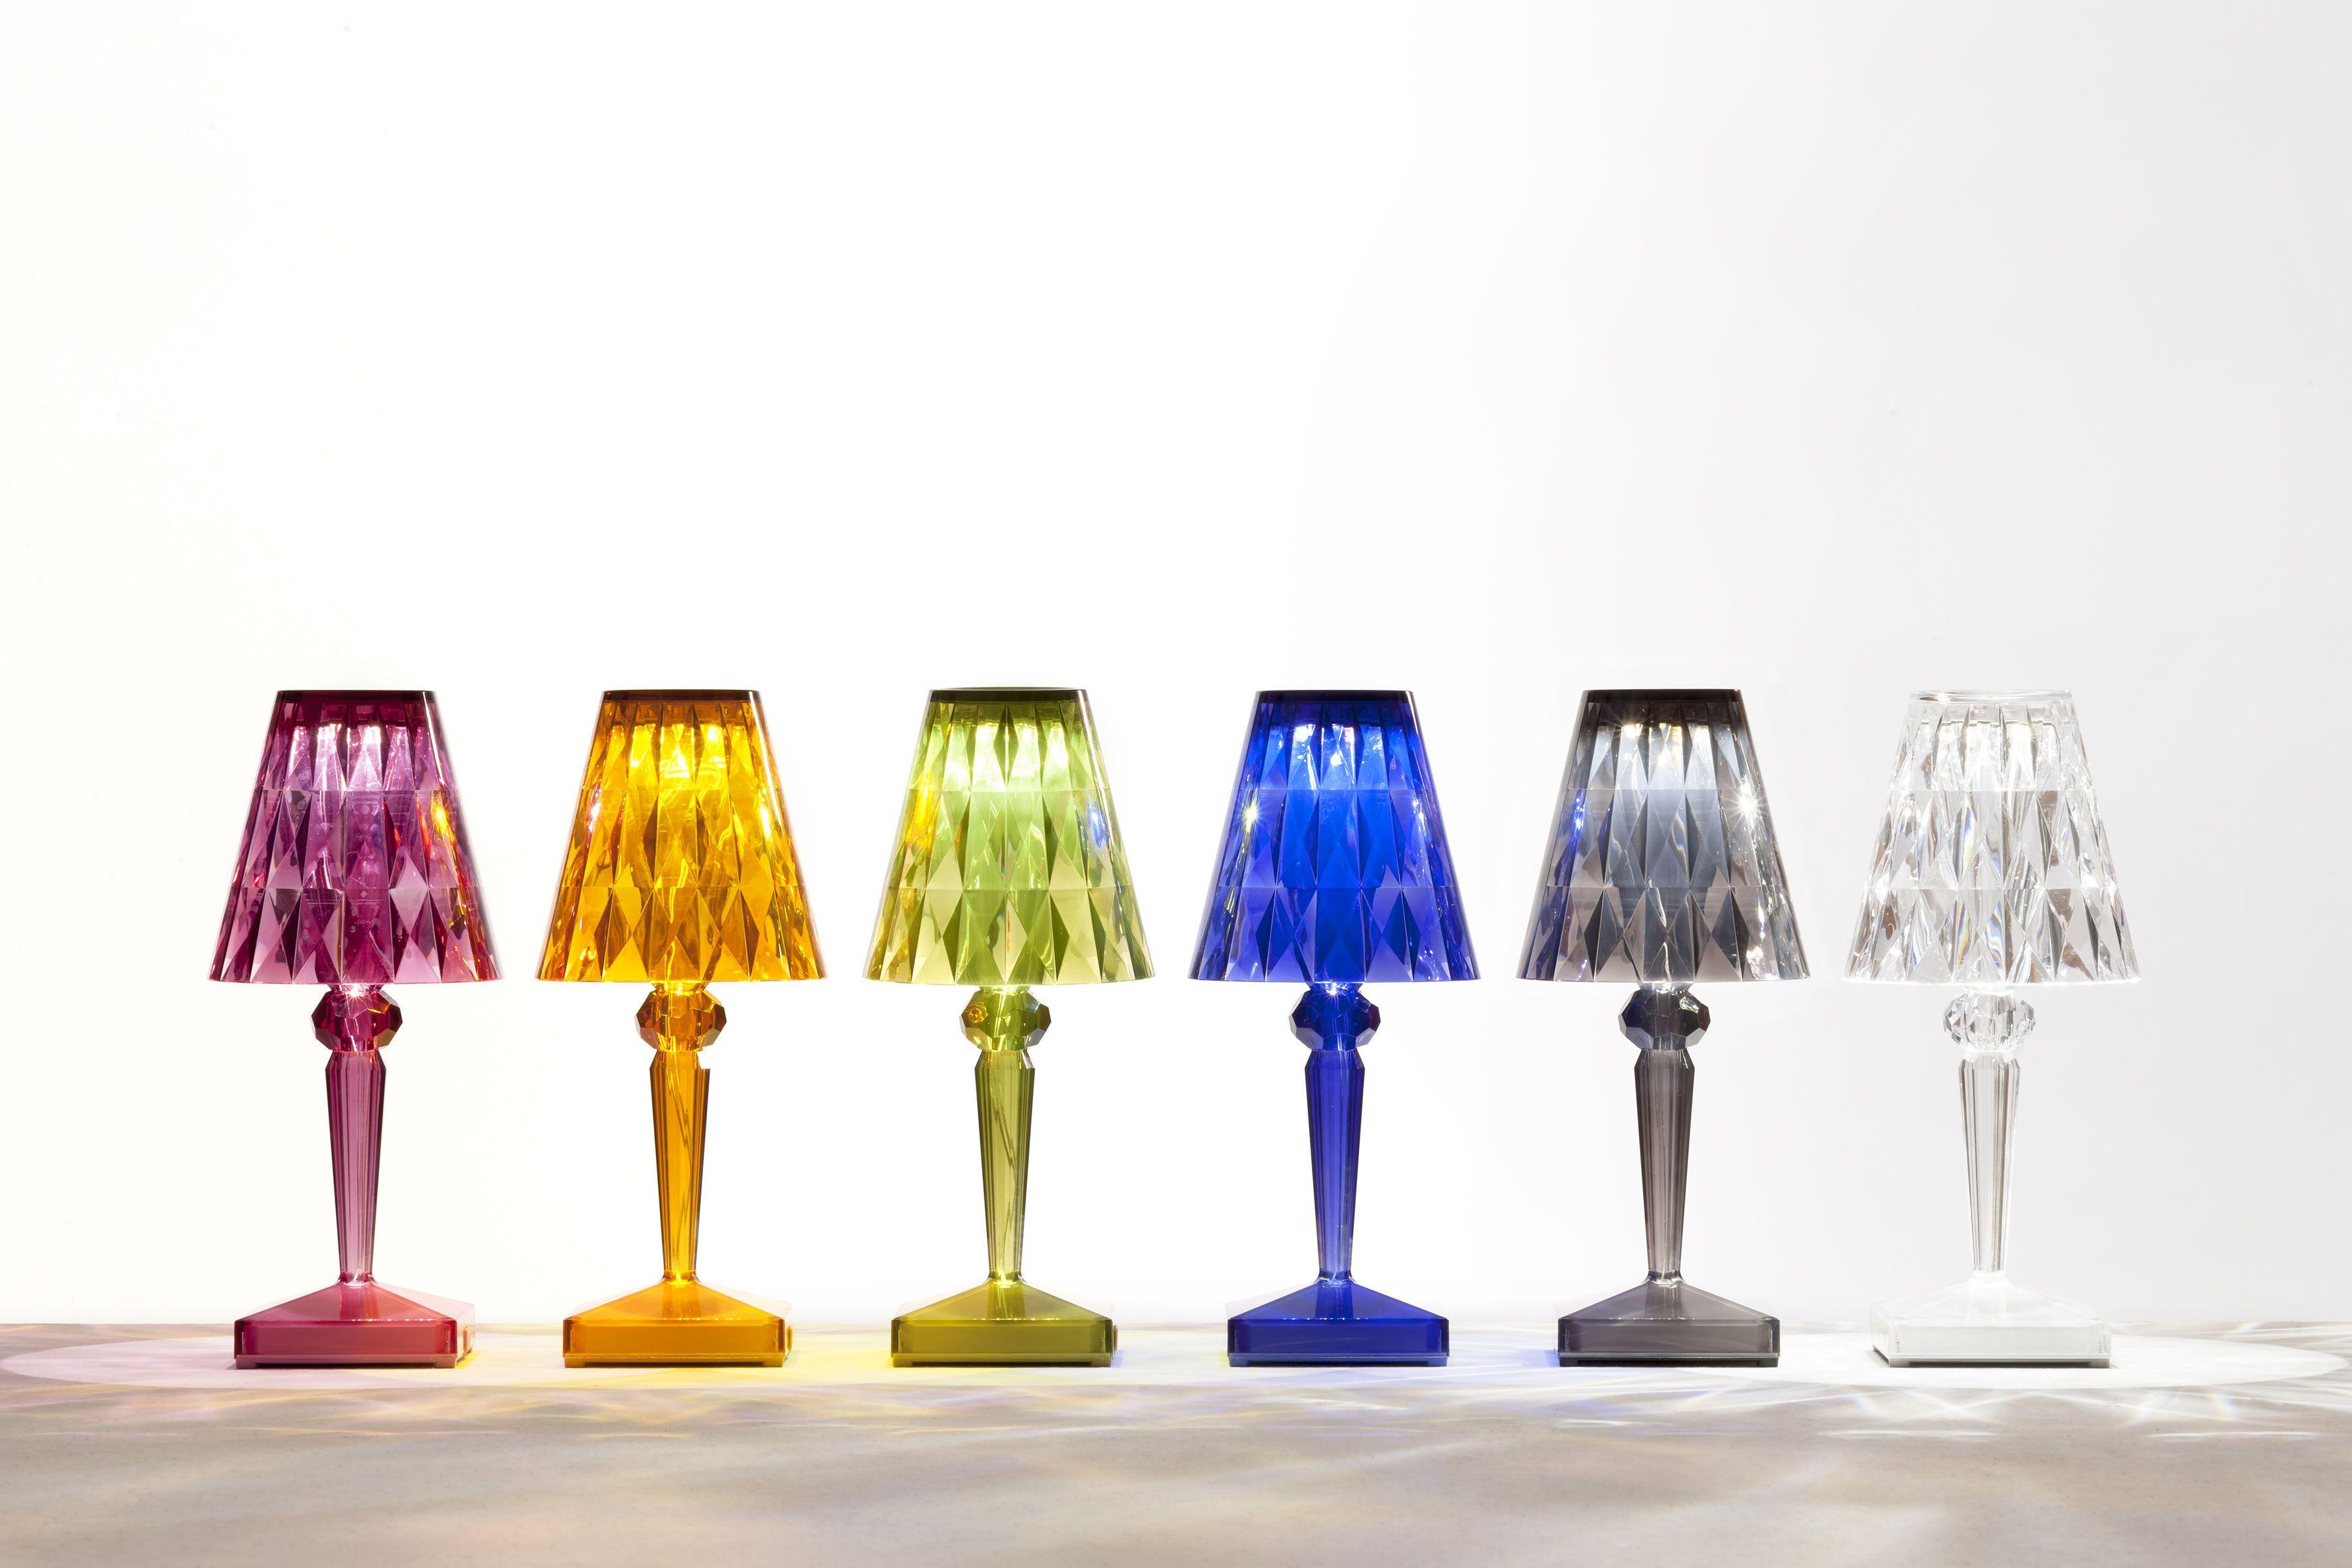 ferruccio laviani lighting. Ferruccio Laviani Lighting P